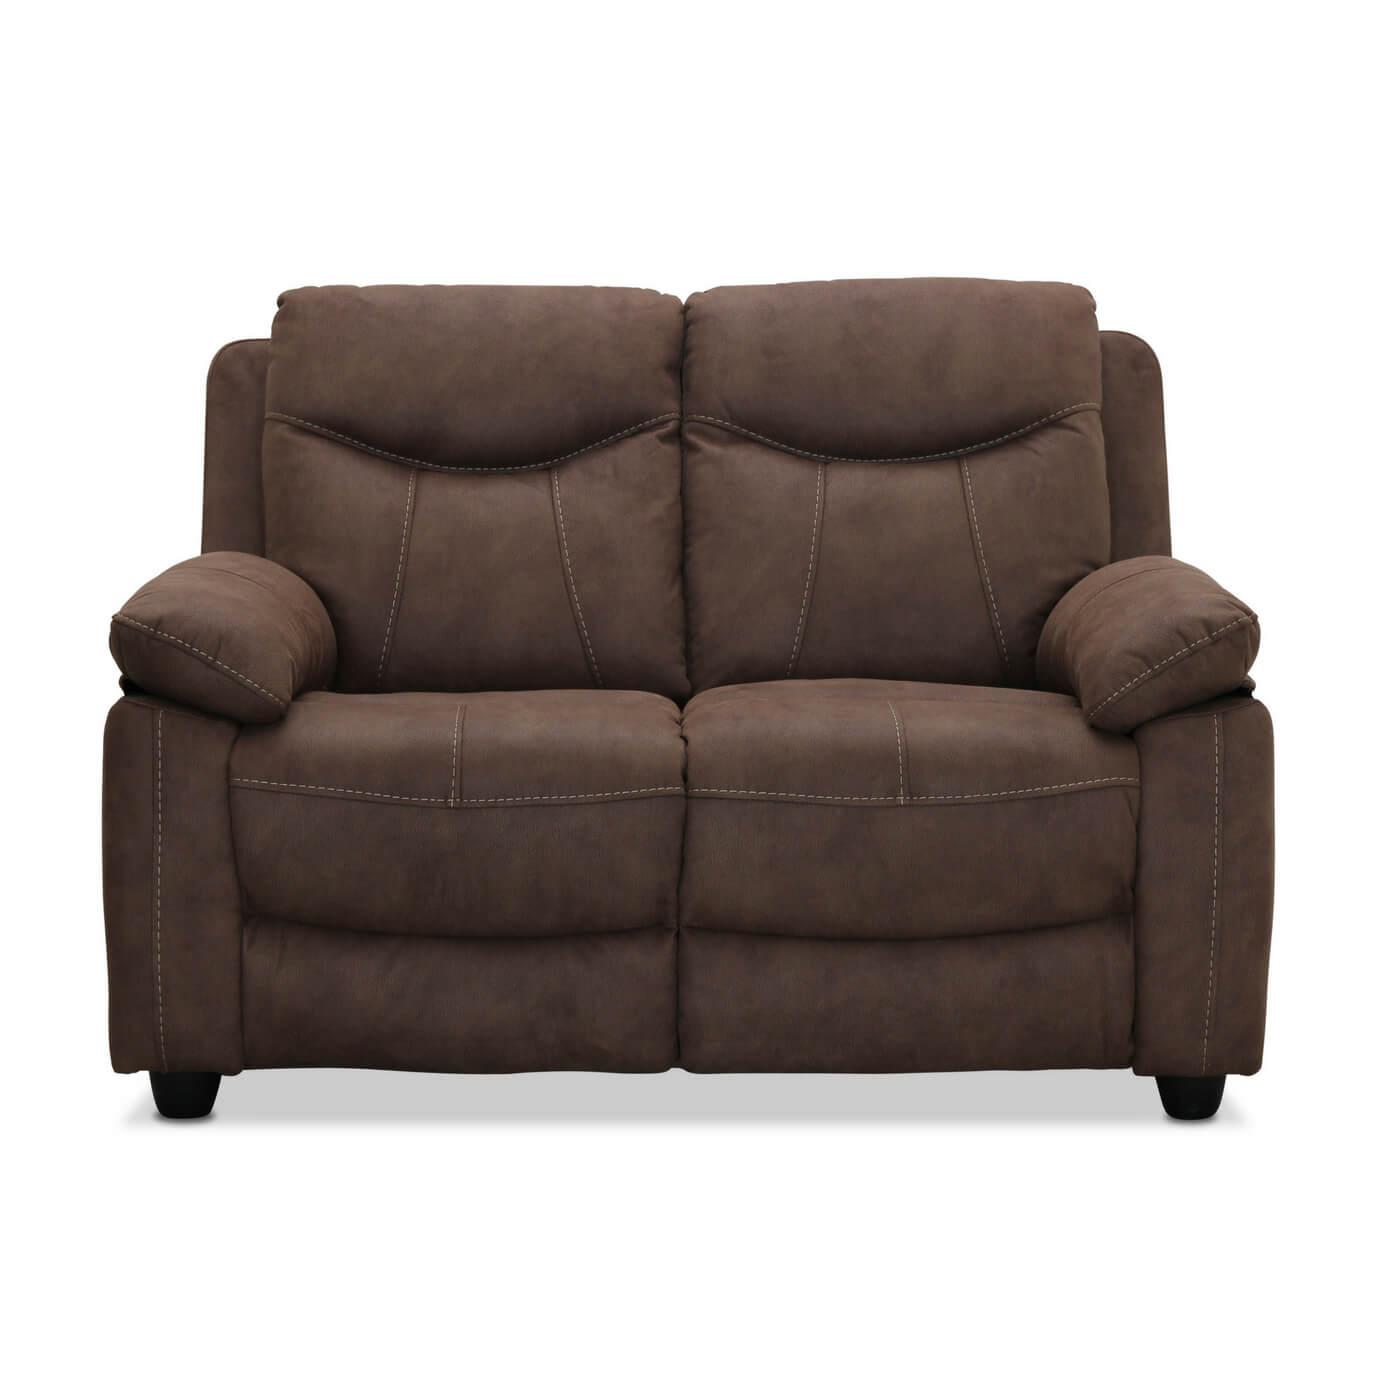 Boston 2 personers sofa, brun stof fra haga gruppen fra boboonline.dk